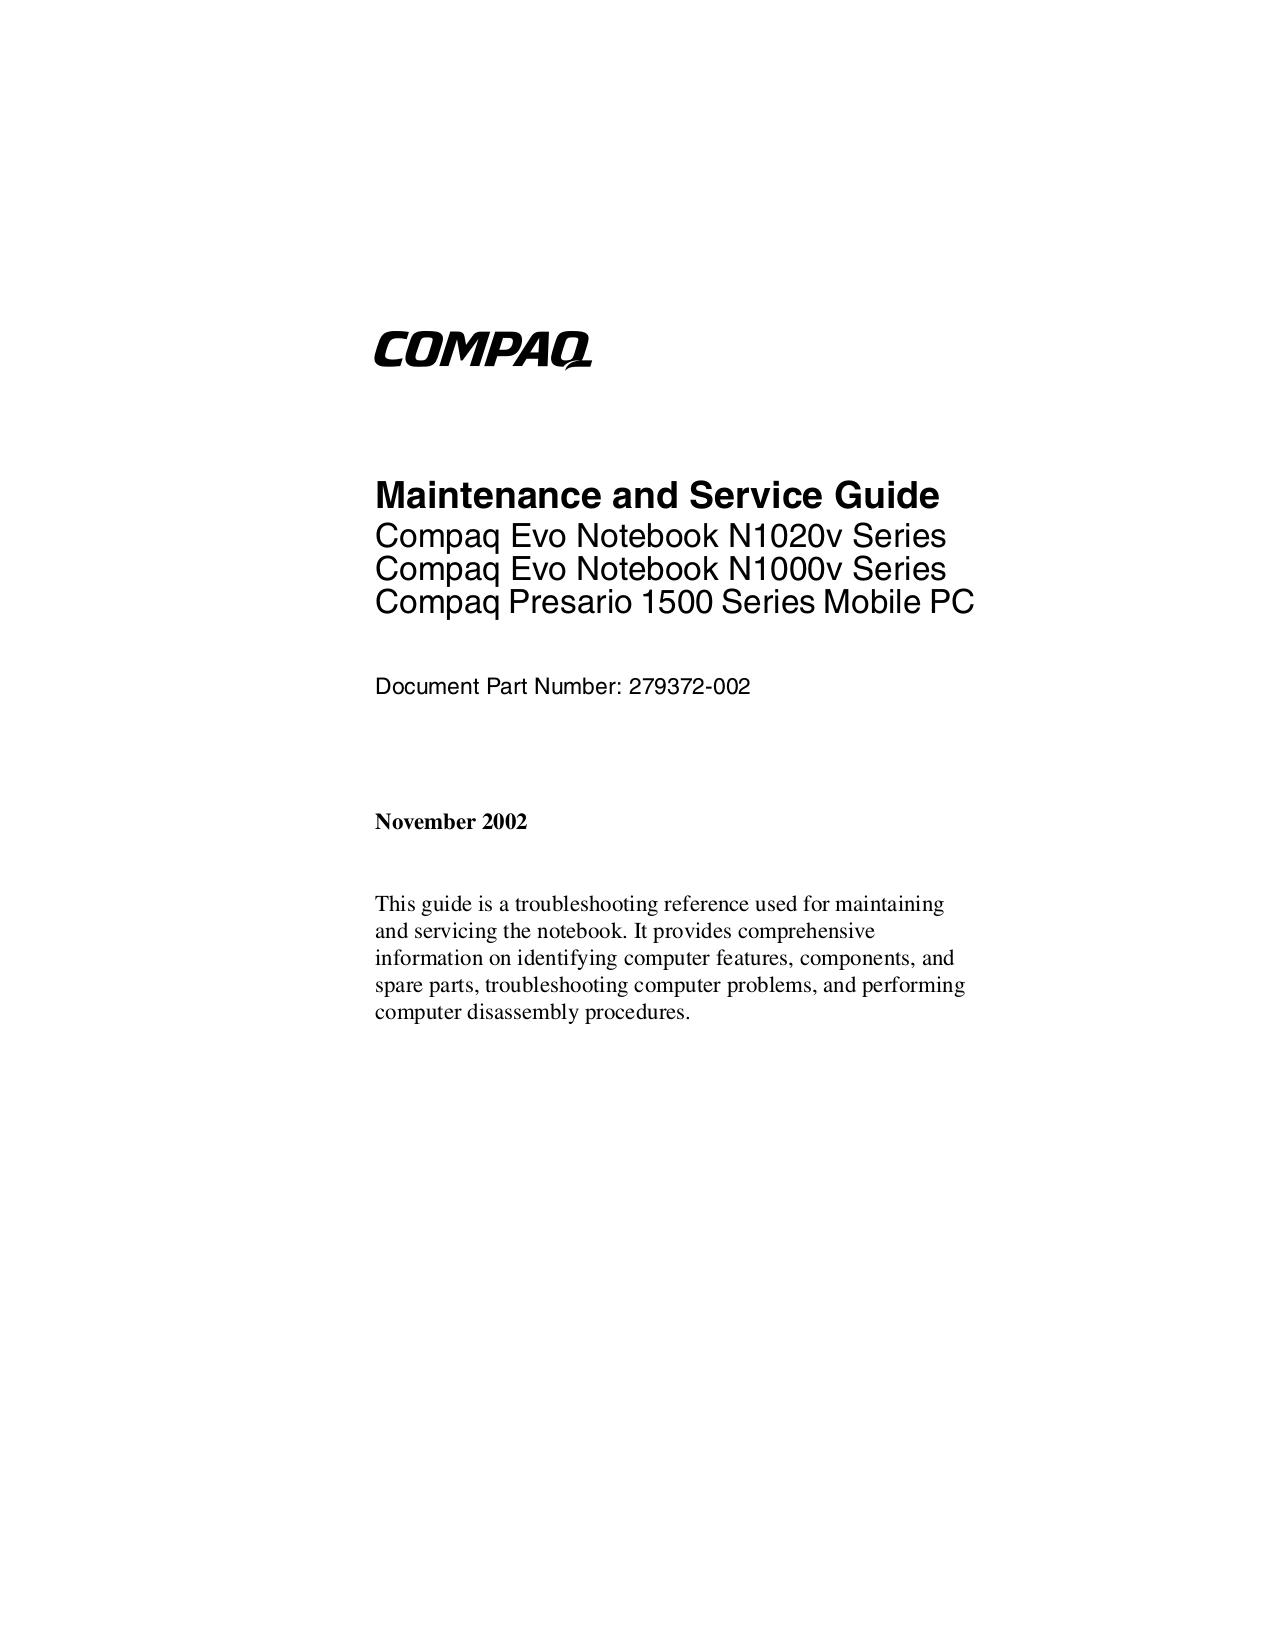 pdf for IBM Laptop ThinkPad 380ED manual